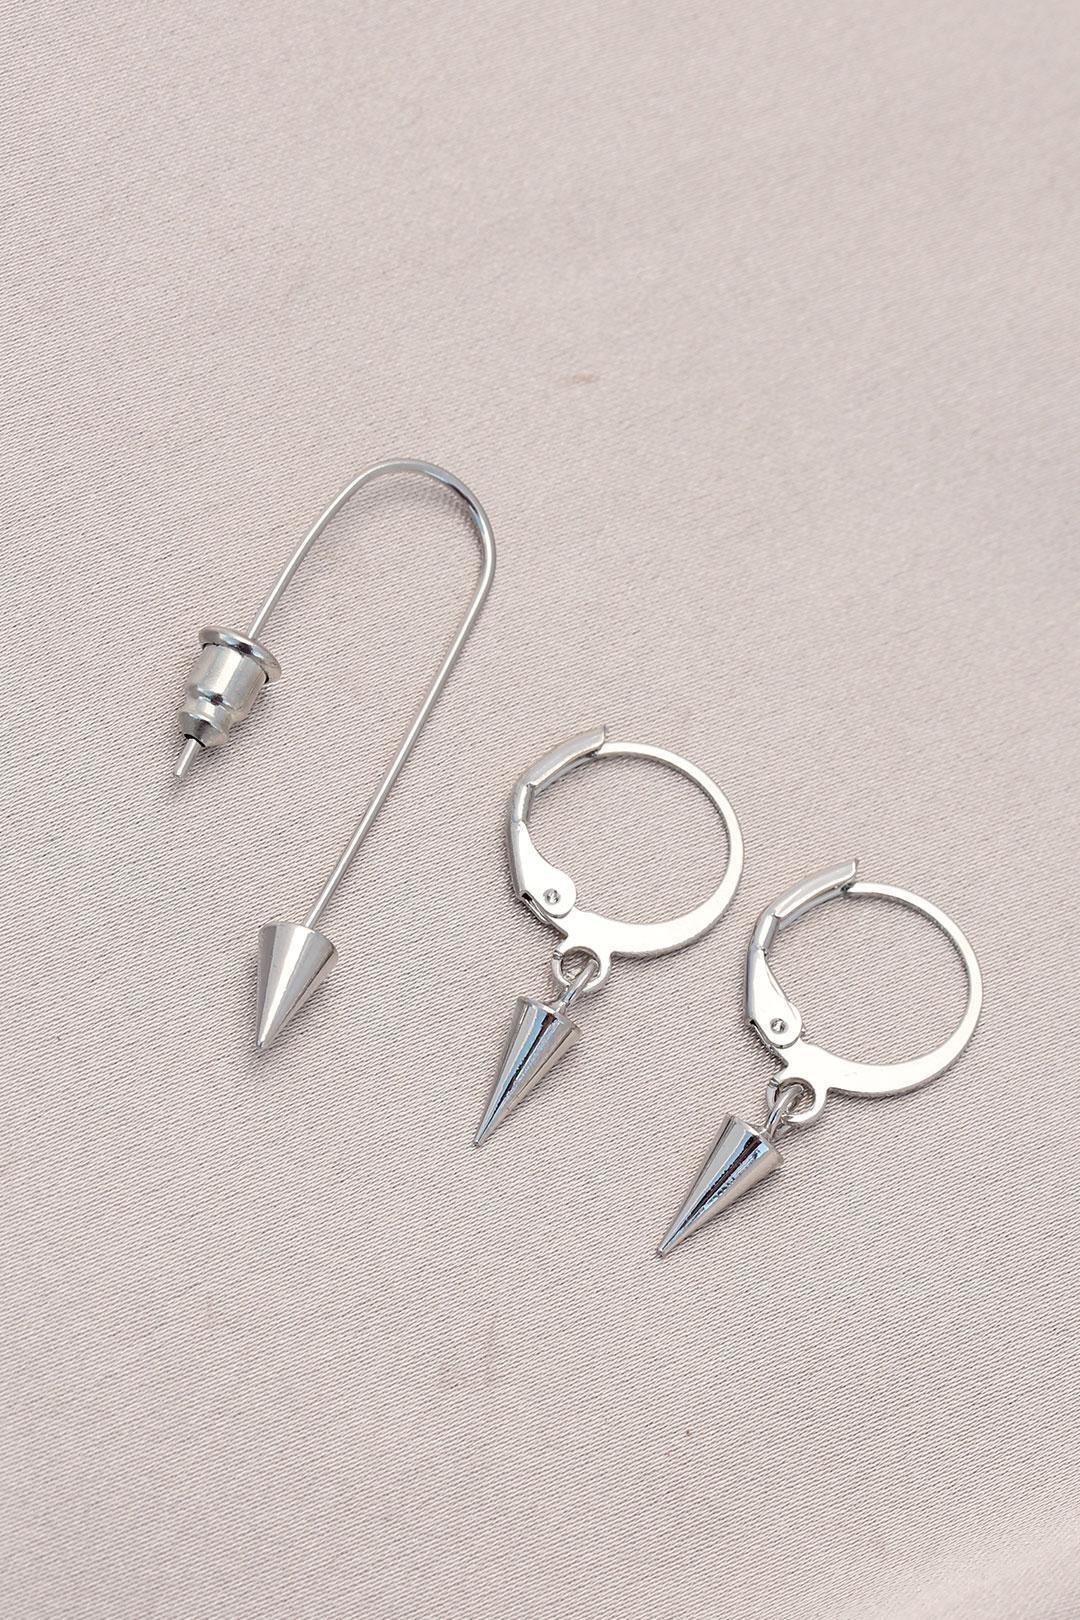 Sivri Uçlu Gümüş Metal Küpe Seti